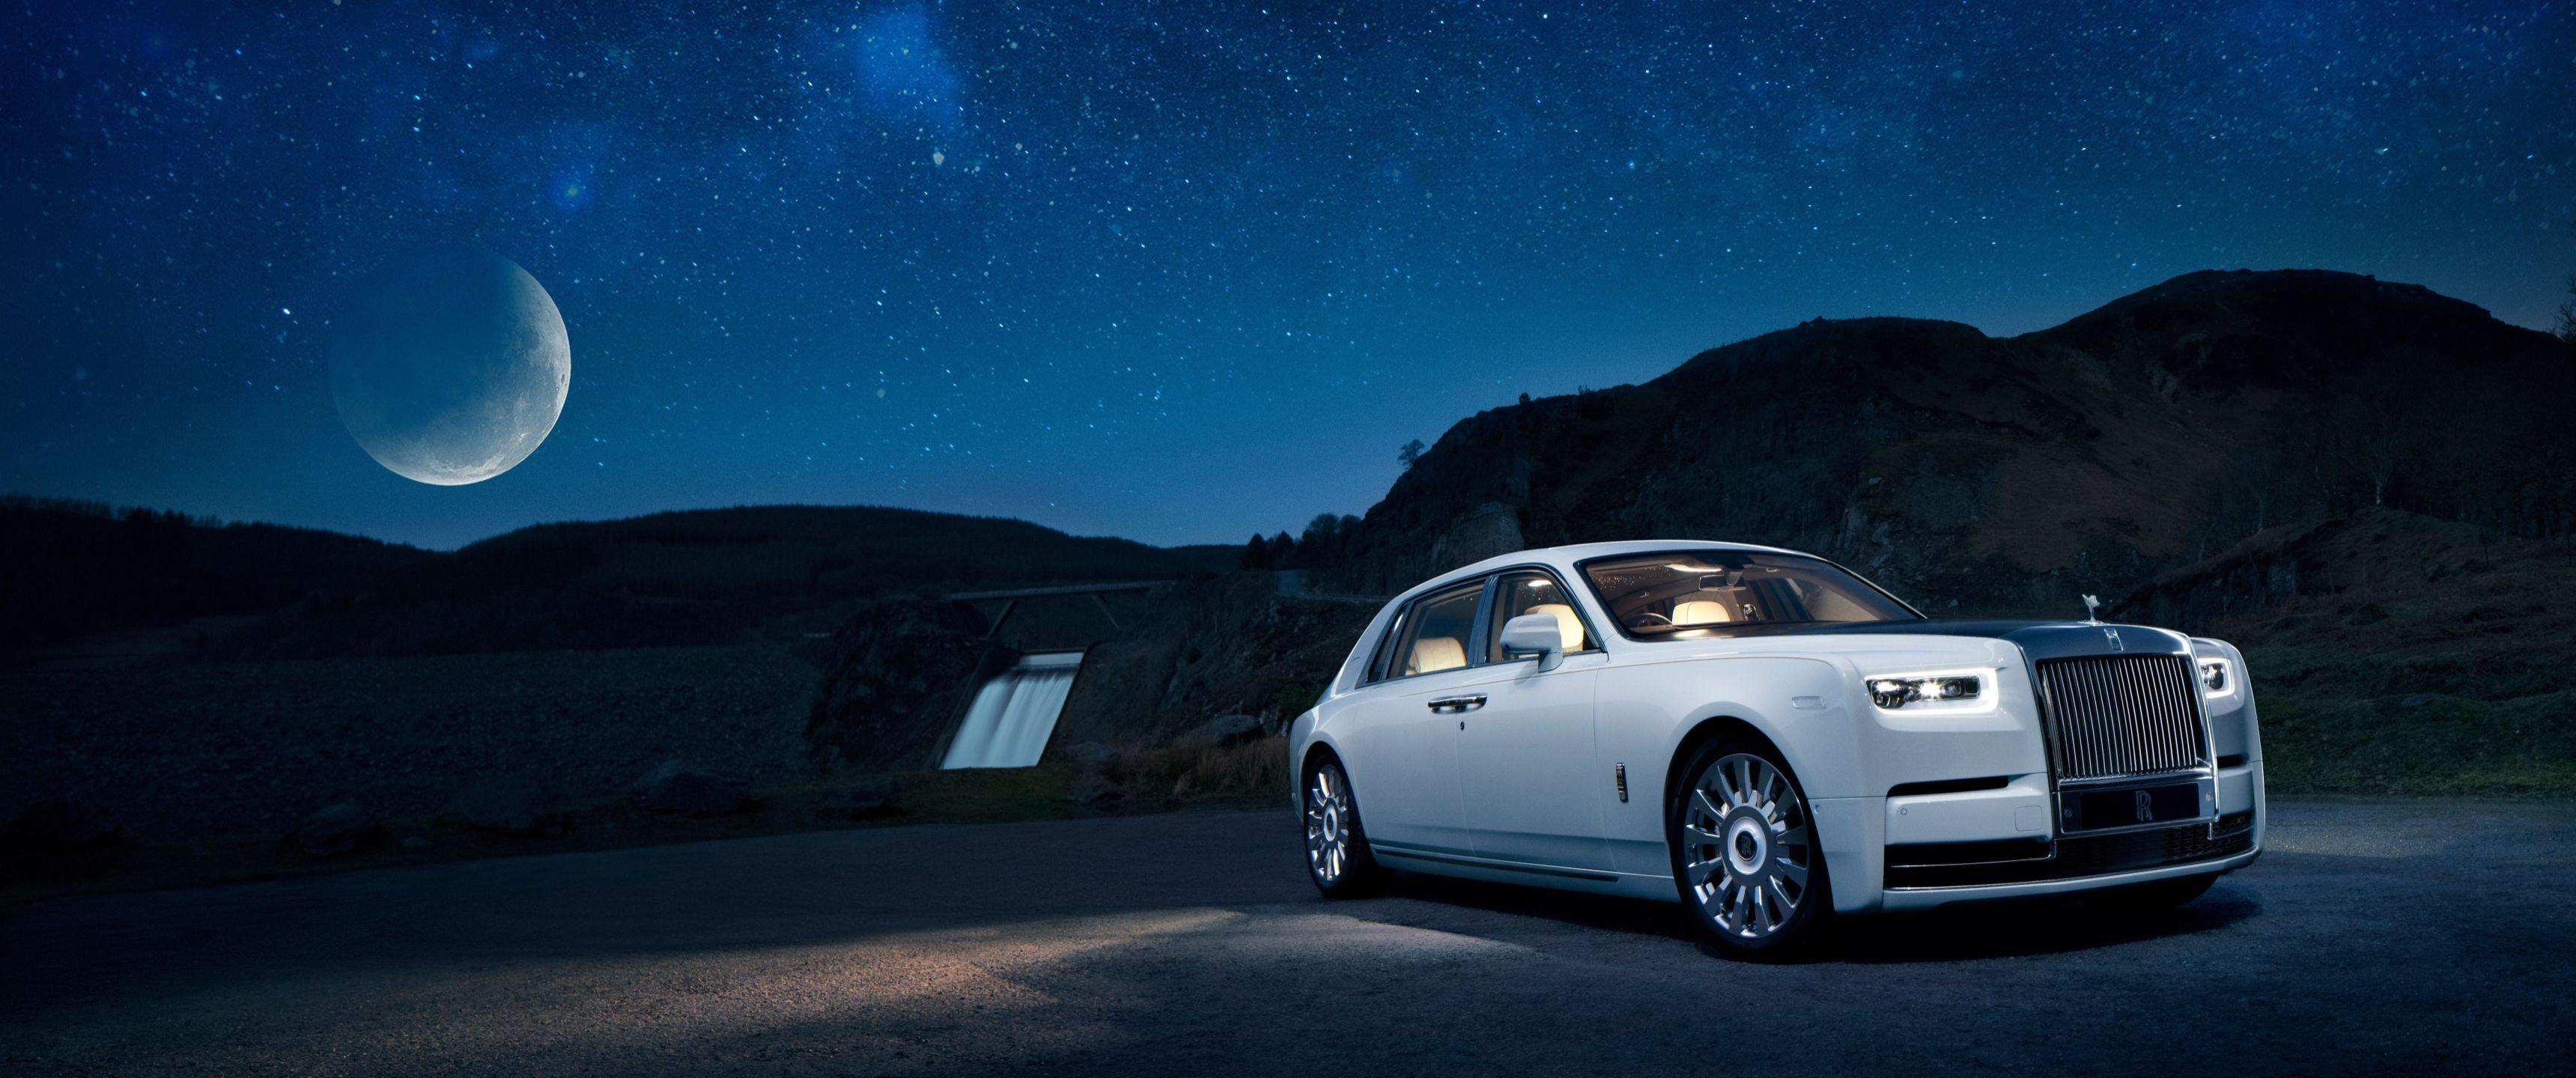 Wallpaper 3440x1440 Rolls Rolls Royce Phantom Rolls Royce Royce